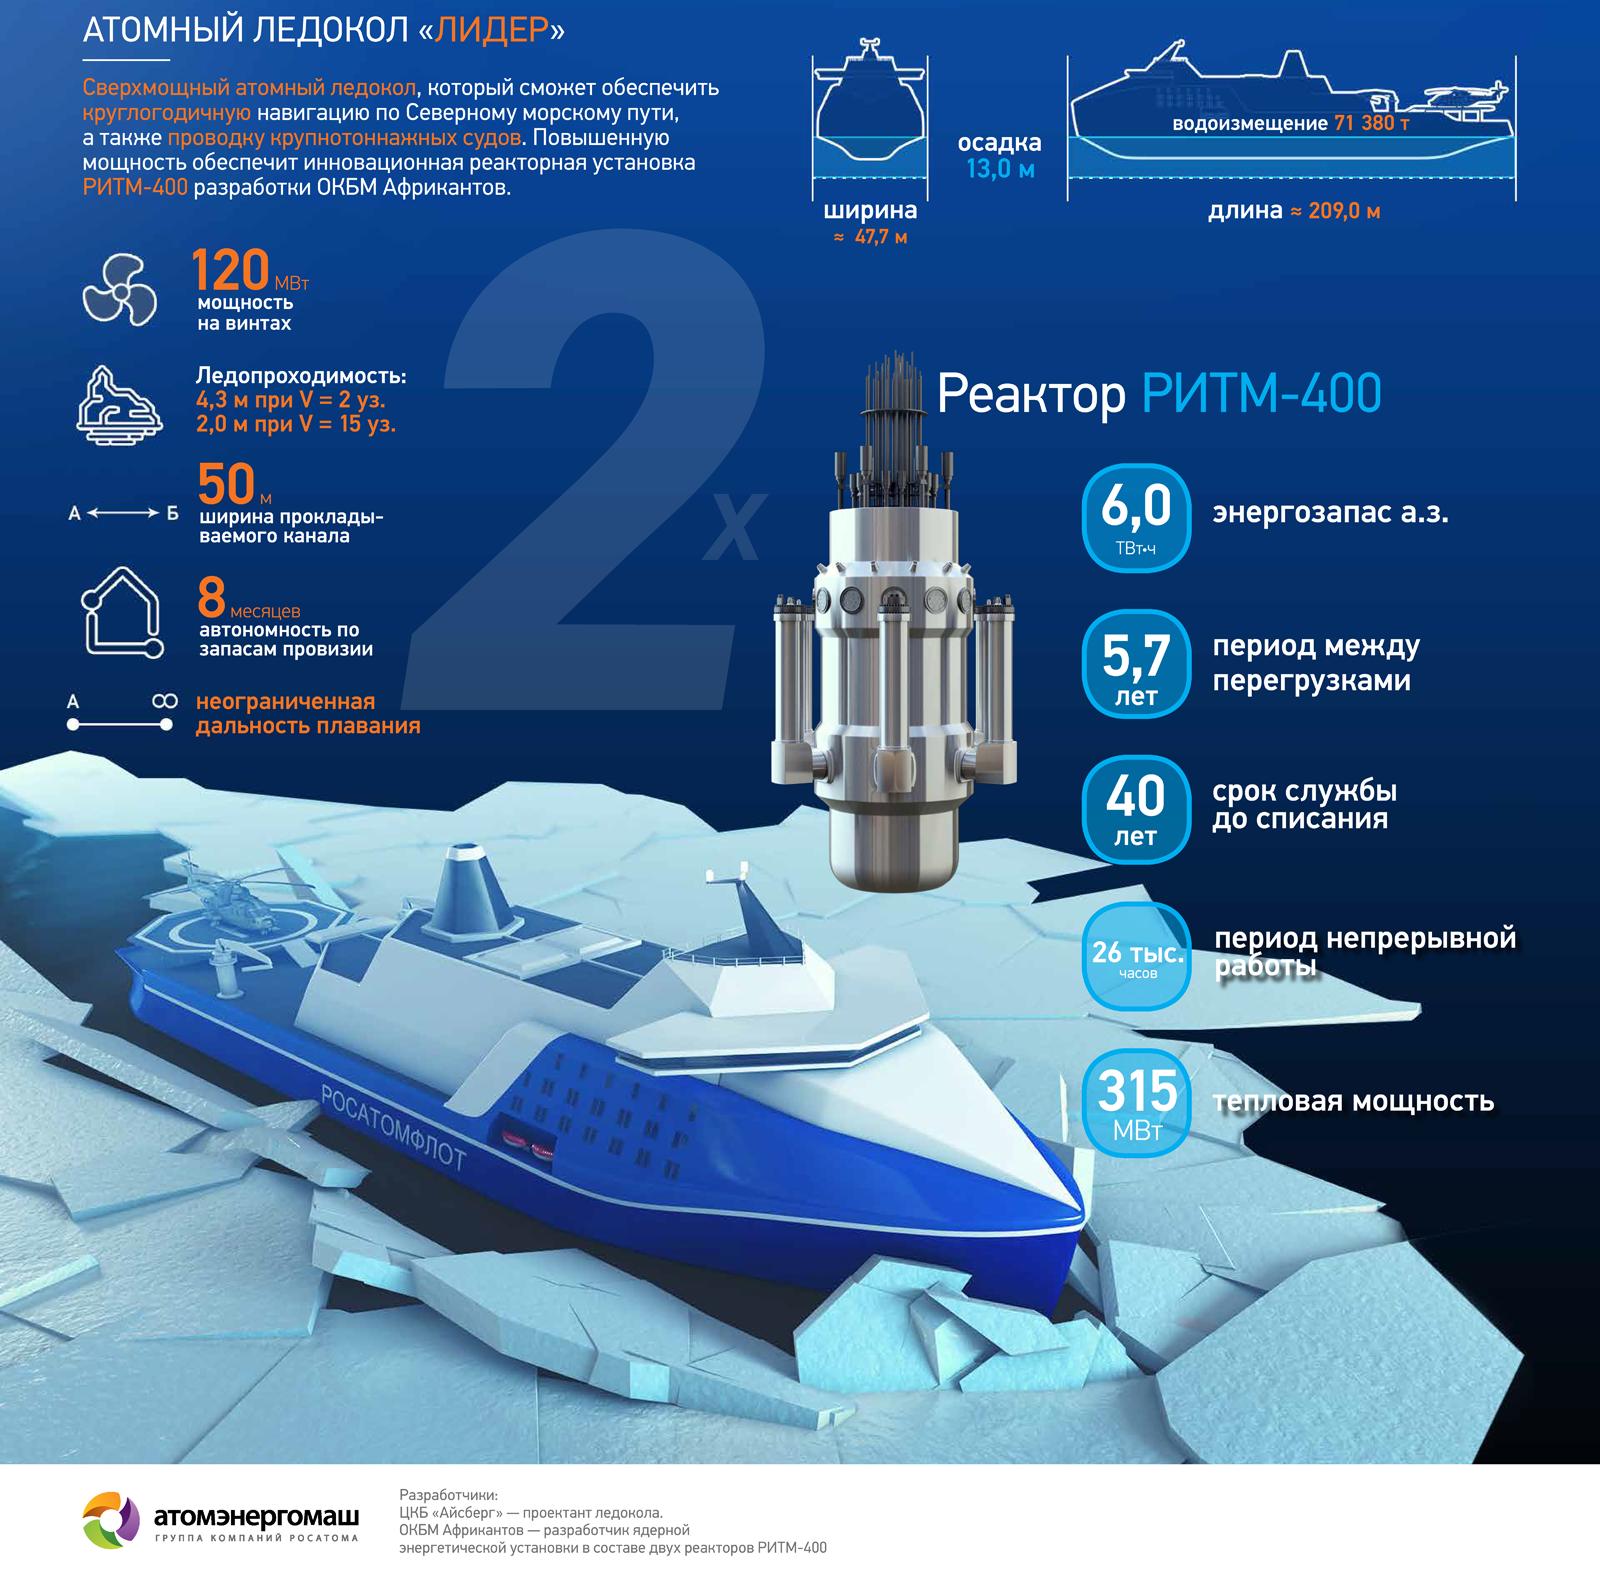 Стартовало строительство атомного ледокола Россия. Рассказываем, чем он уникален